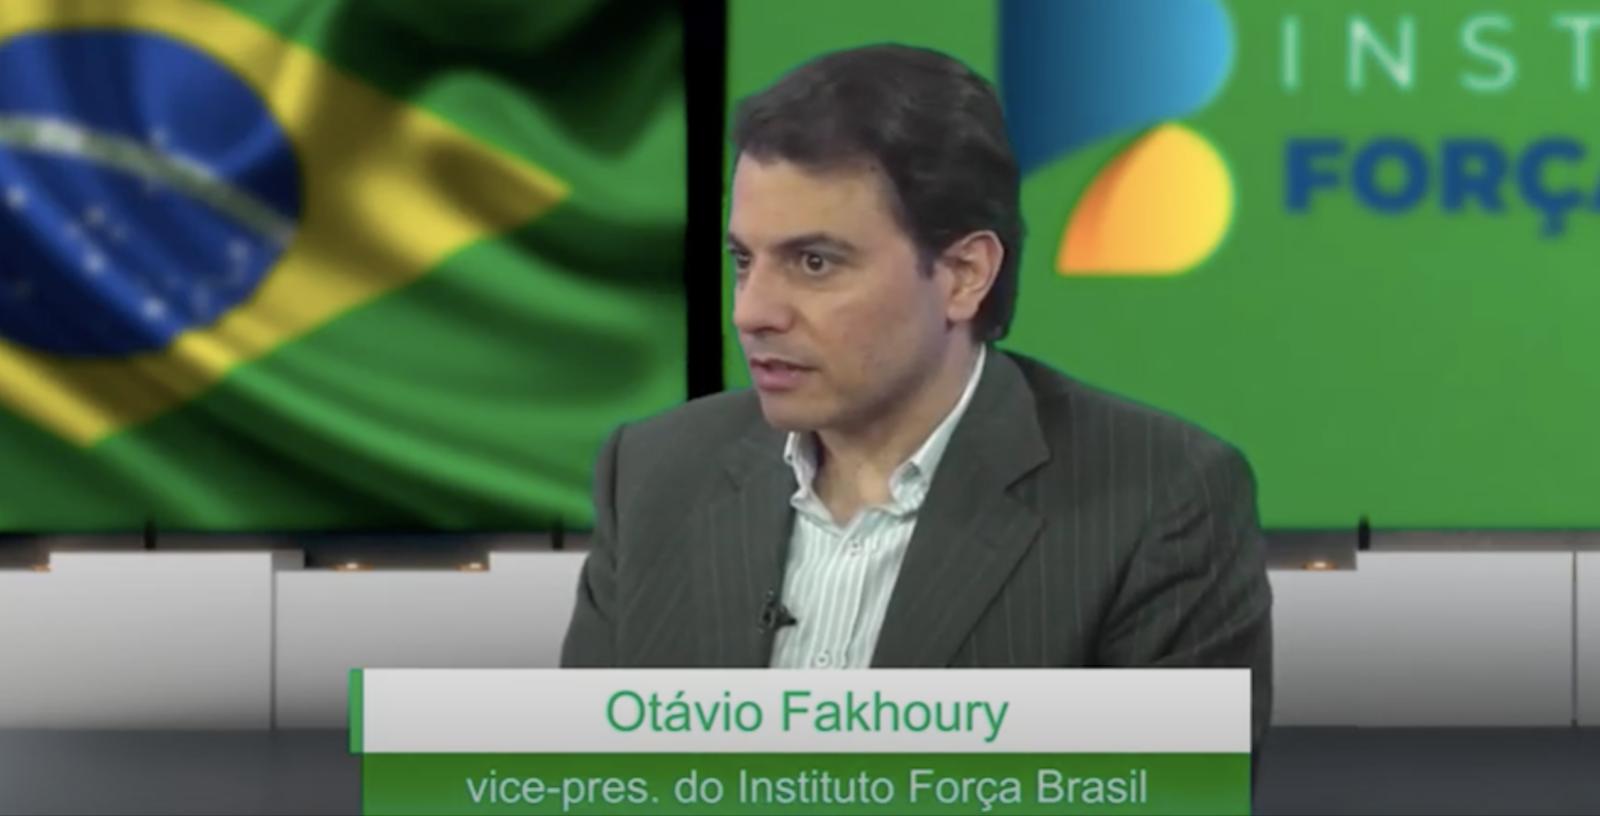 O empresário Otávio Fakhoury em entrevista ao canal de Youtube do Instituto Força Brasil, do qual é vice-presidente, em junho deste ano